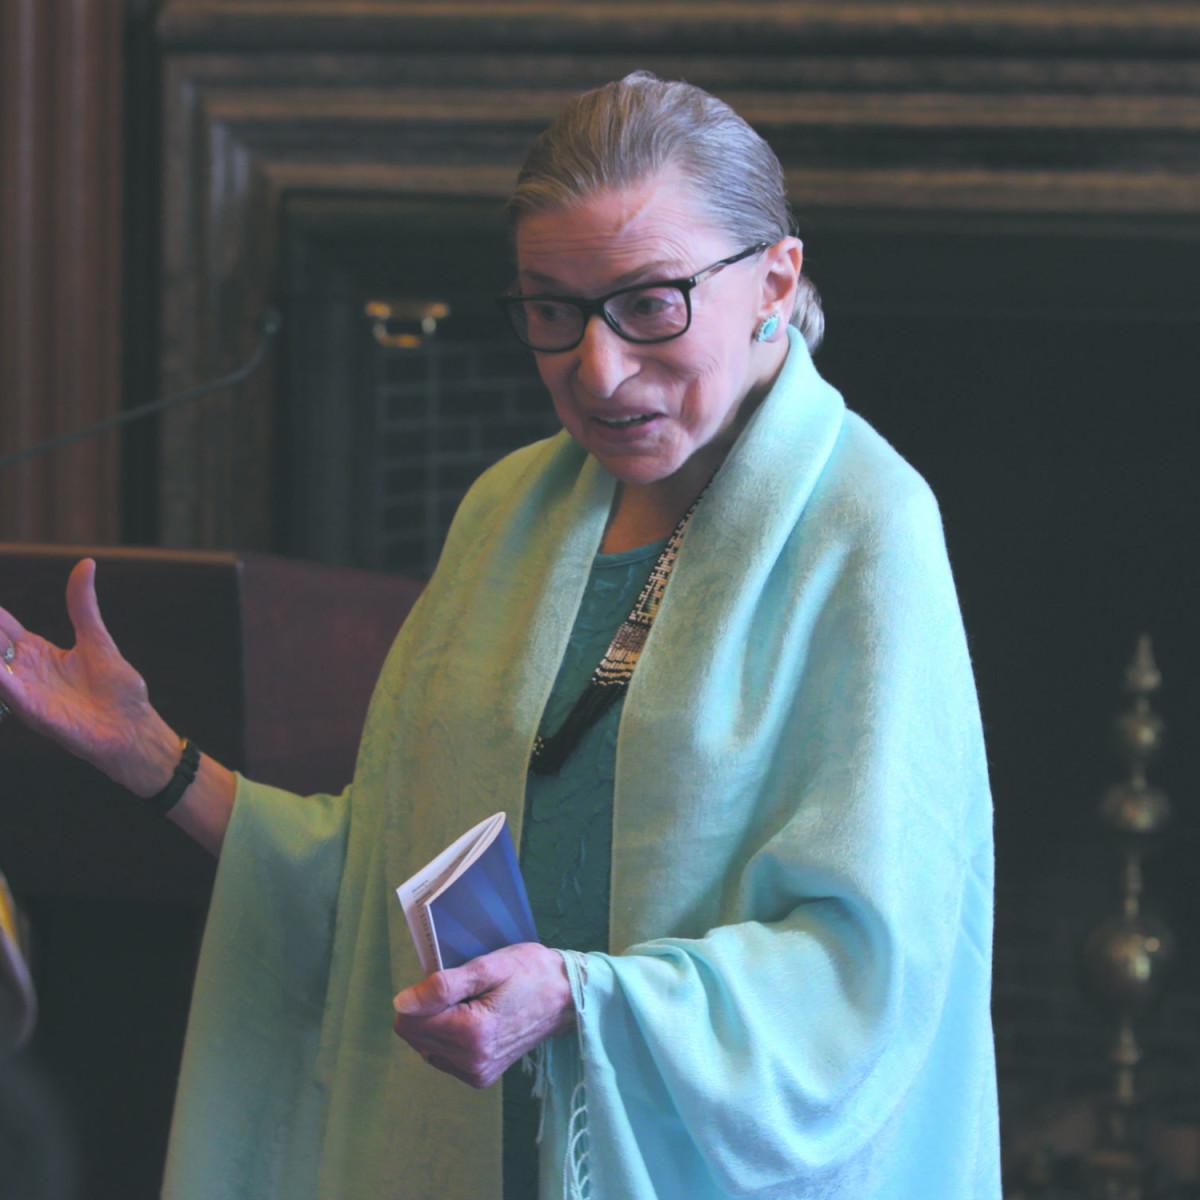 Ruth Bader Ginsburg in RBG